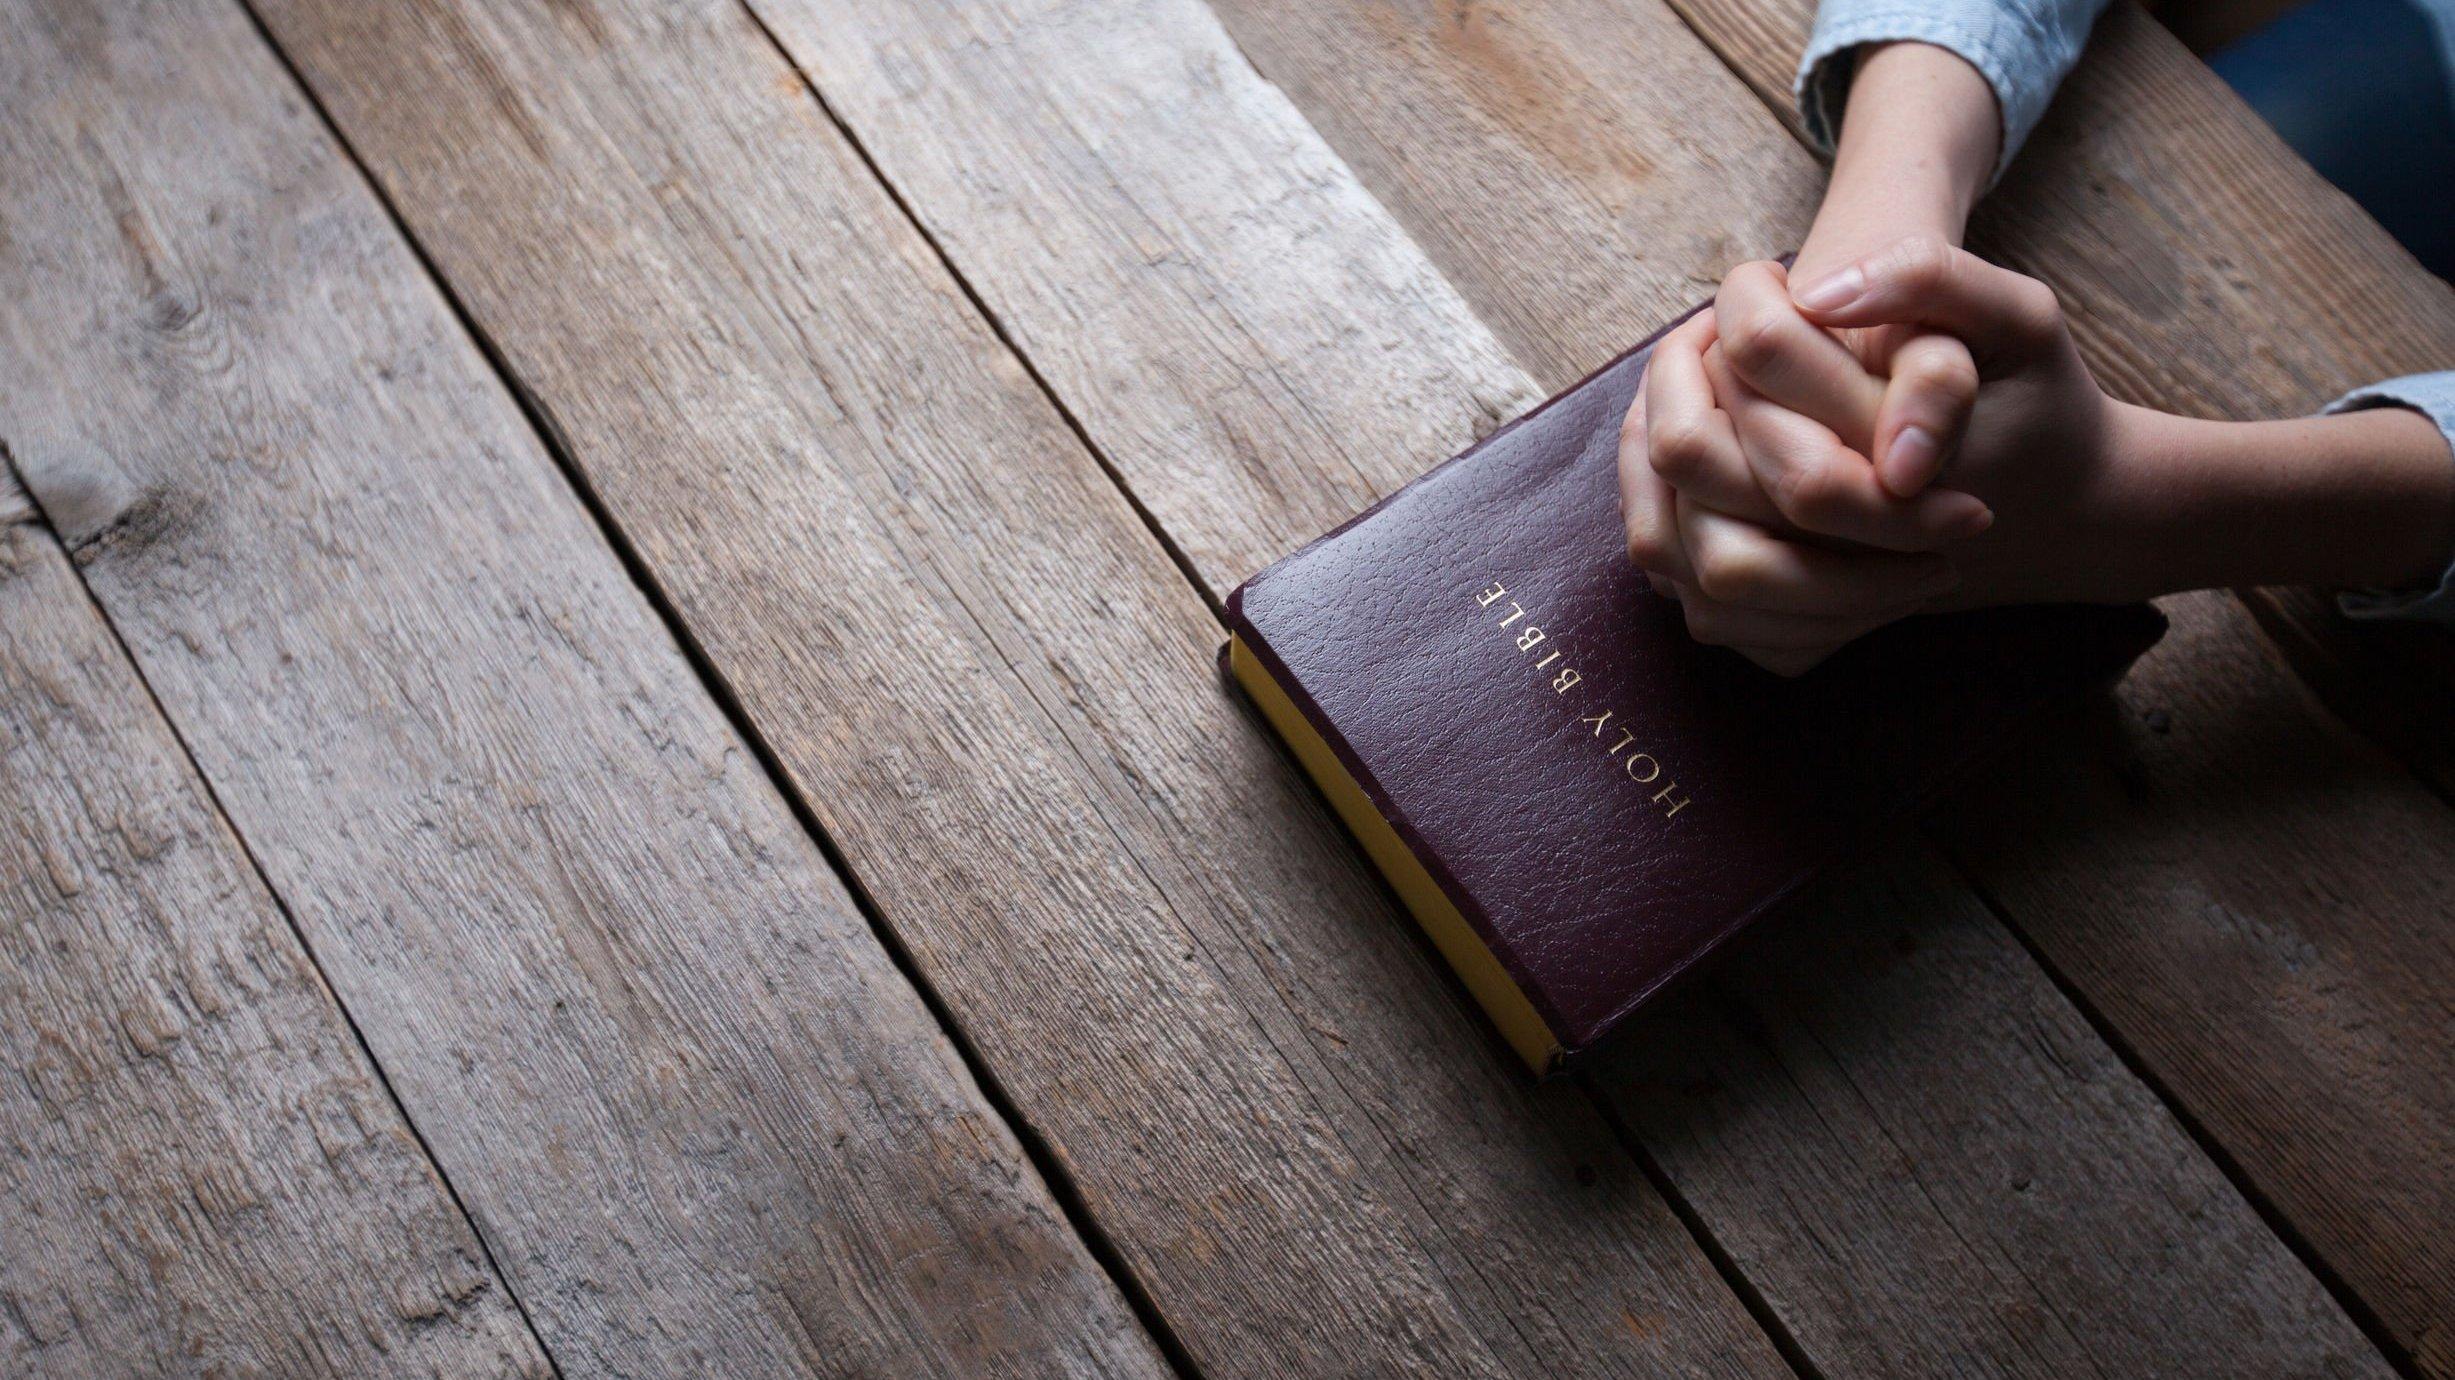 Mãos sobre bíblia sagrada em cima de superfície de madeira.